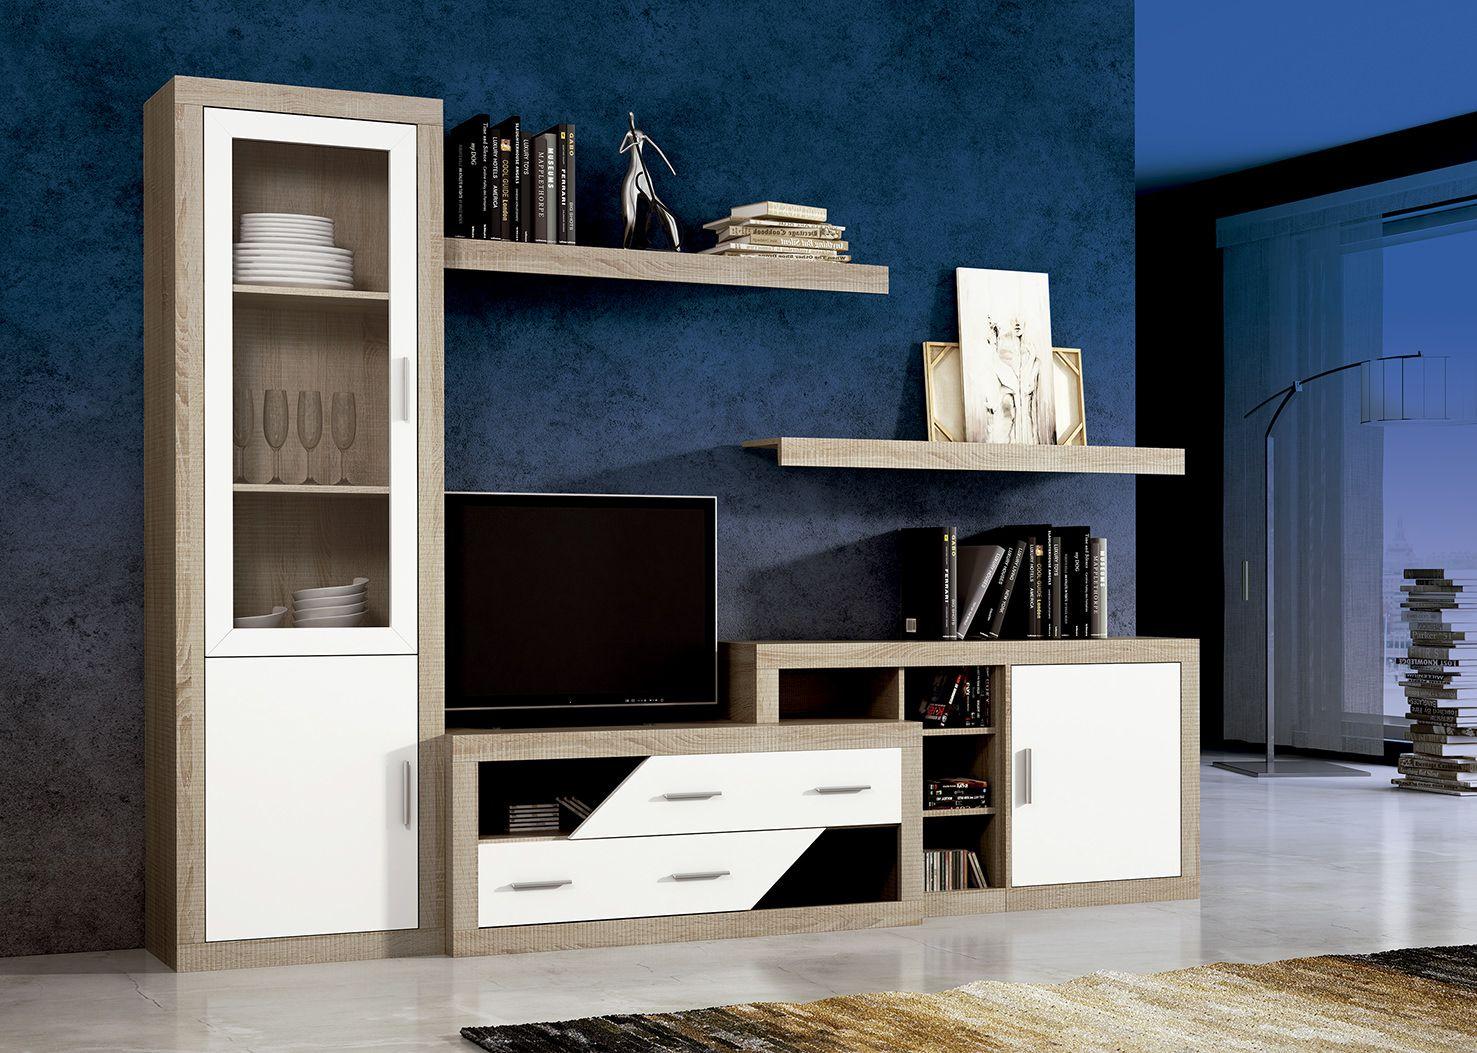 Mueble de comedor low cost laraga 07 comedor de madera laminada - Muebles low cost ...